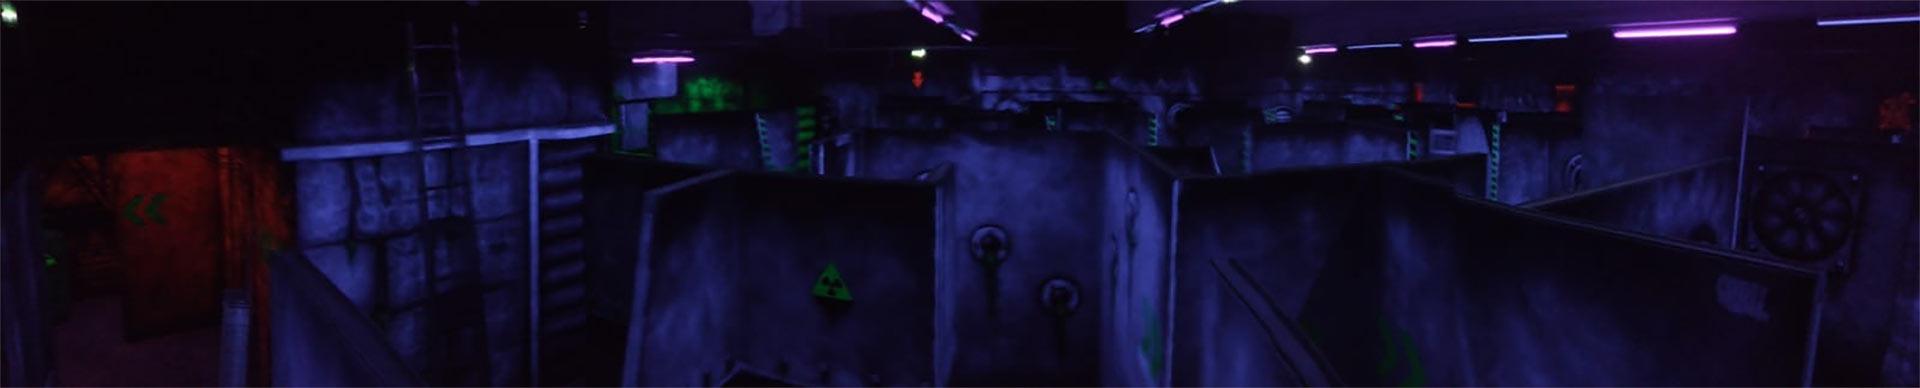 labyrinthes du laser game